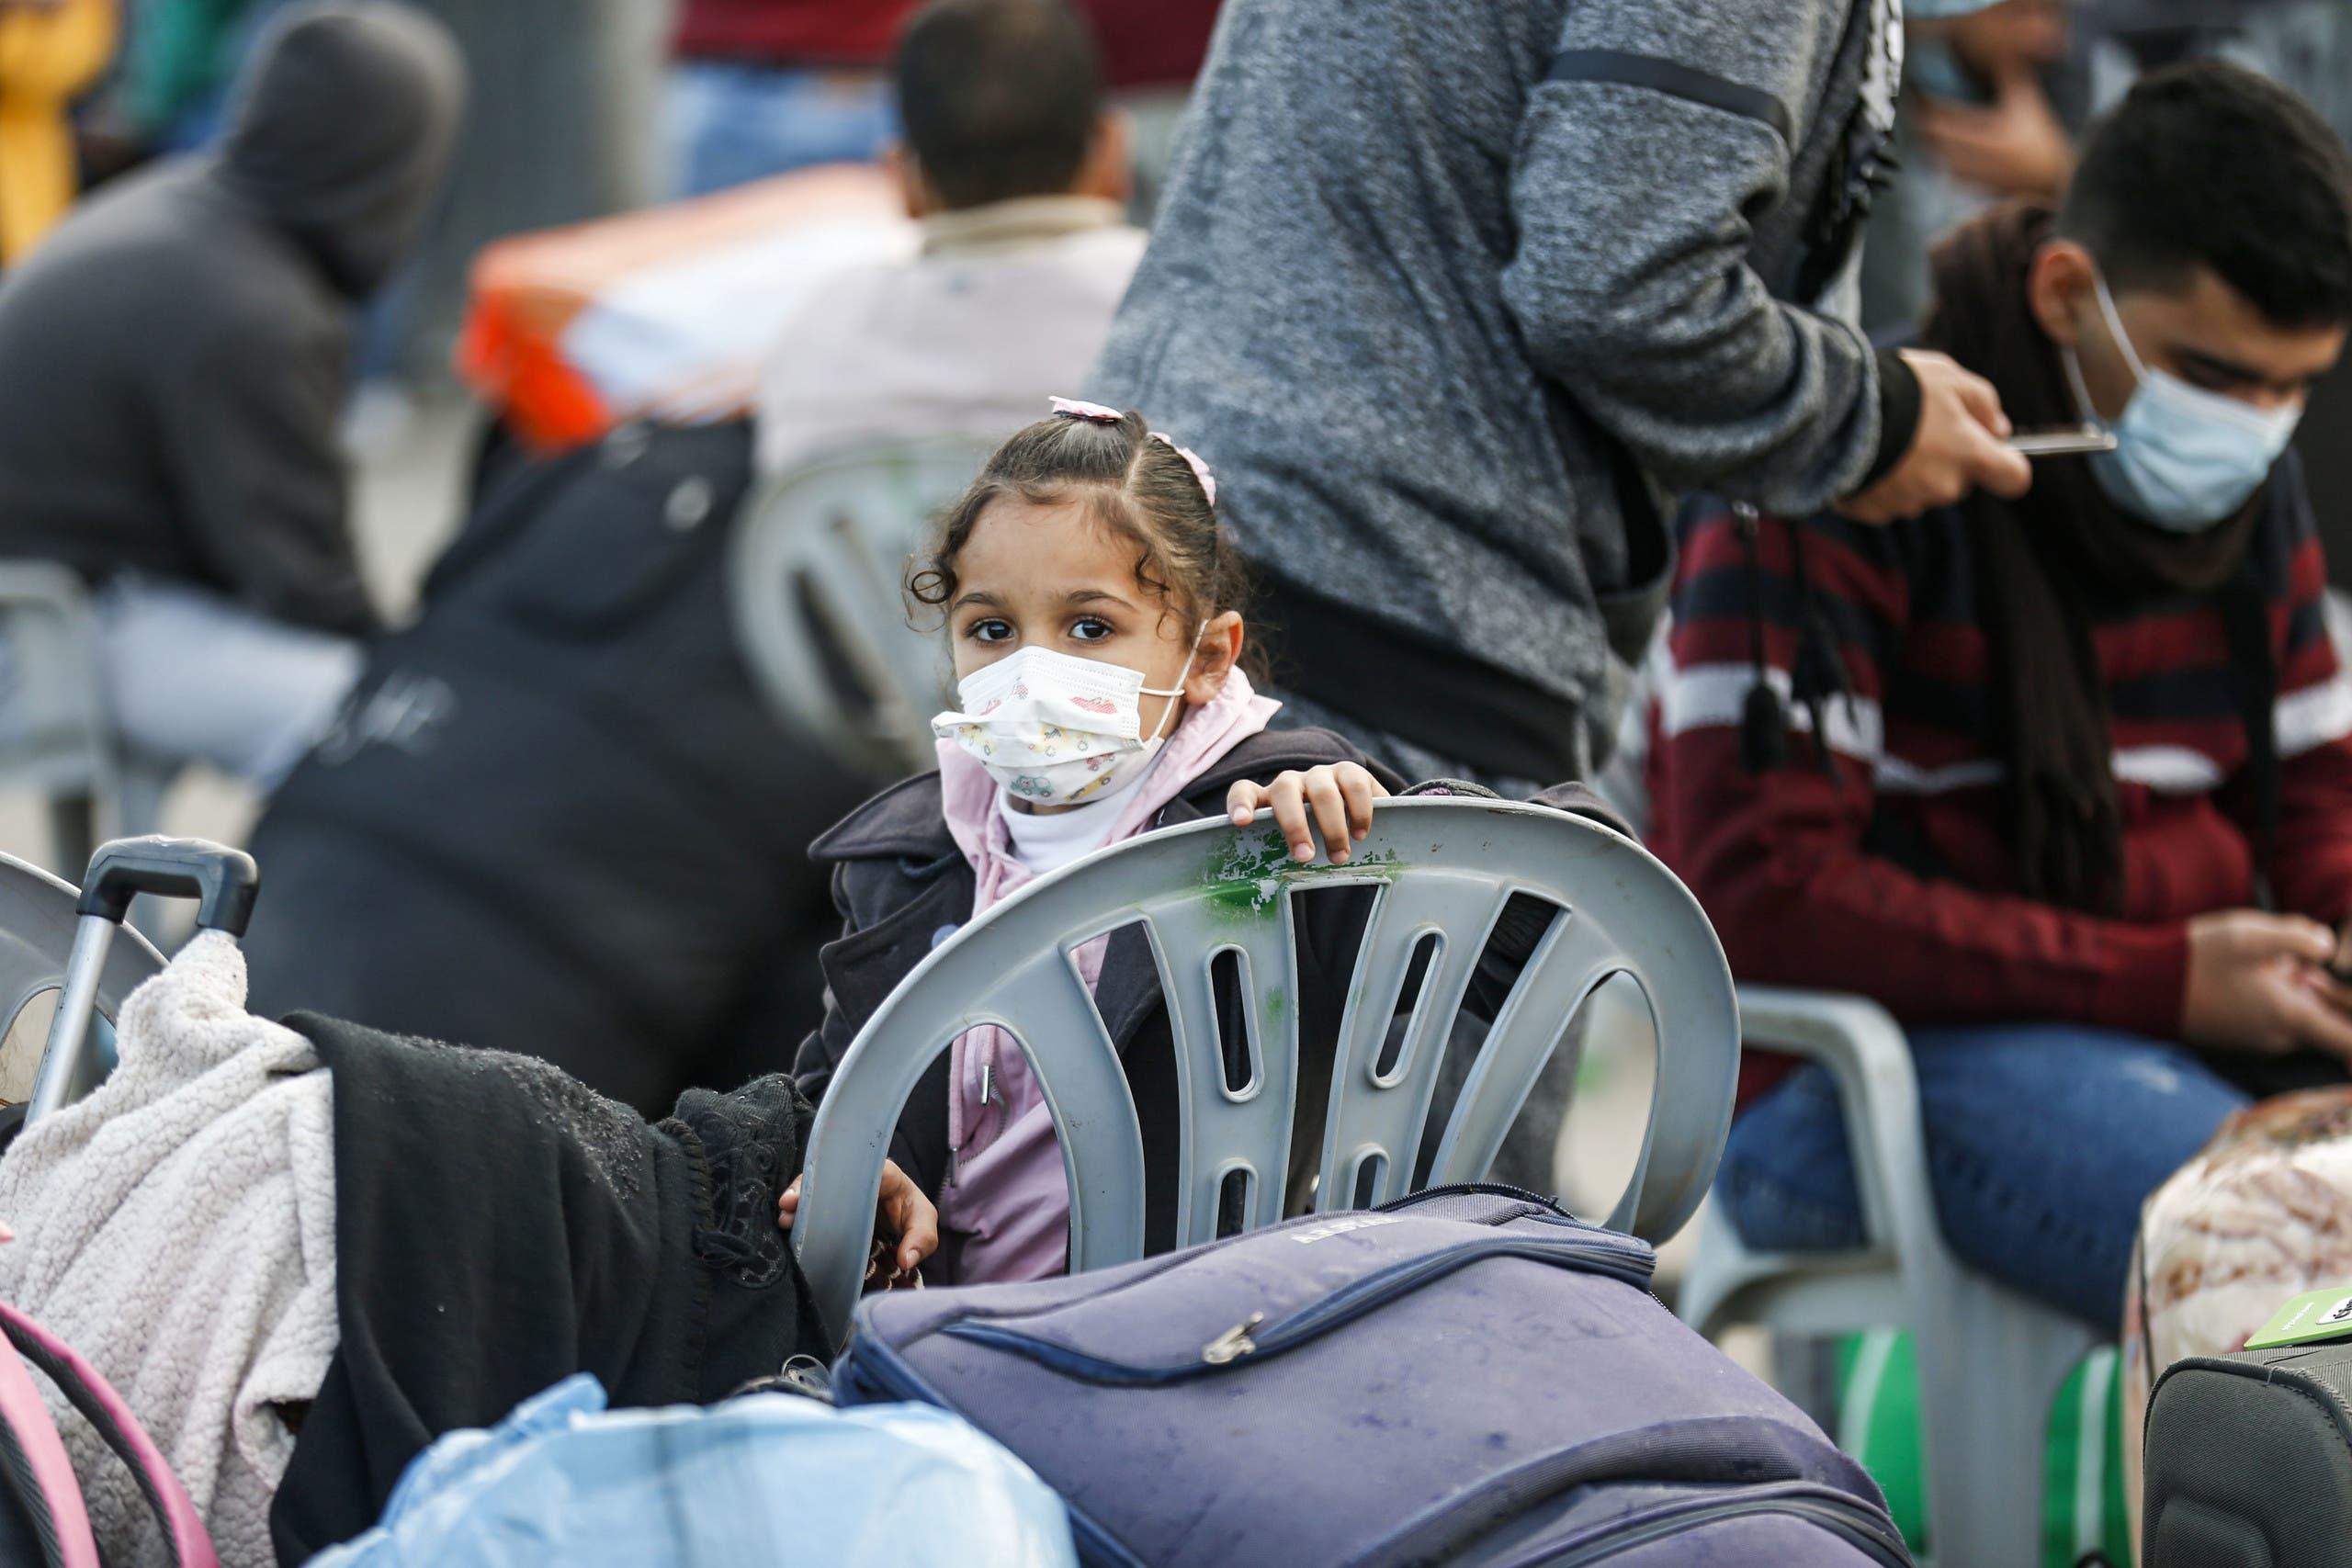 فلسطينيون ينتظرون عند معبر رفح الحدودي بين غزة ومصر (أرشيفية من فرانس برس)